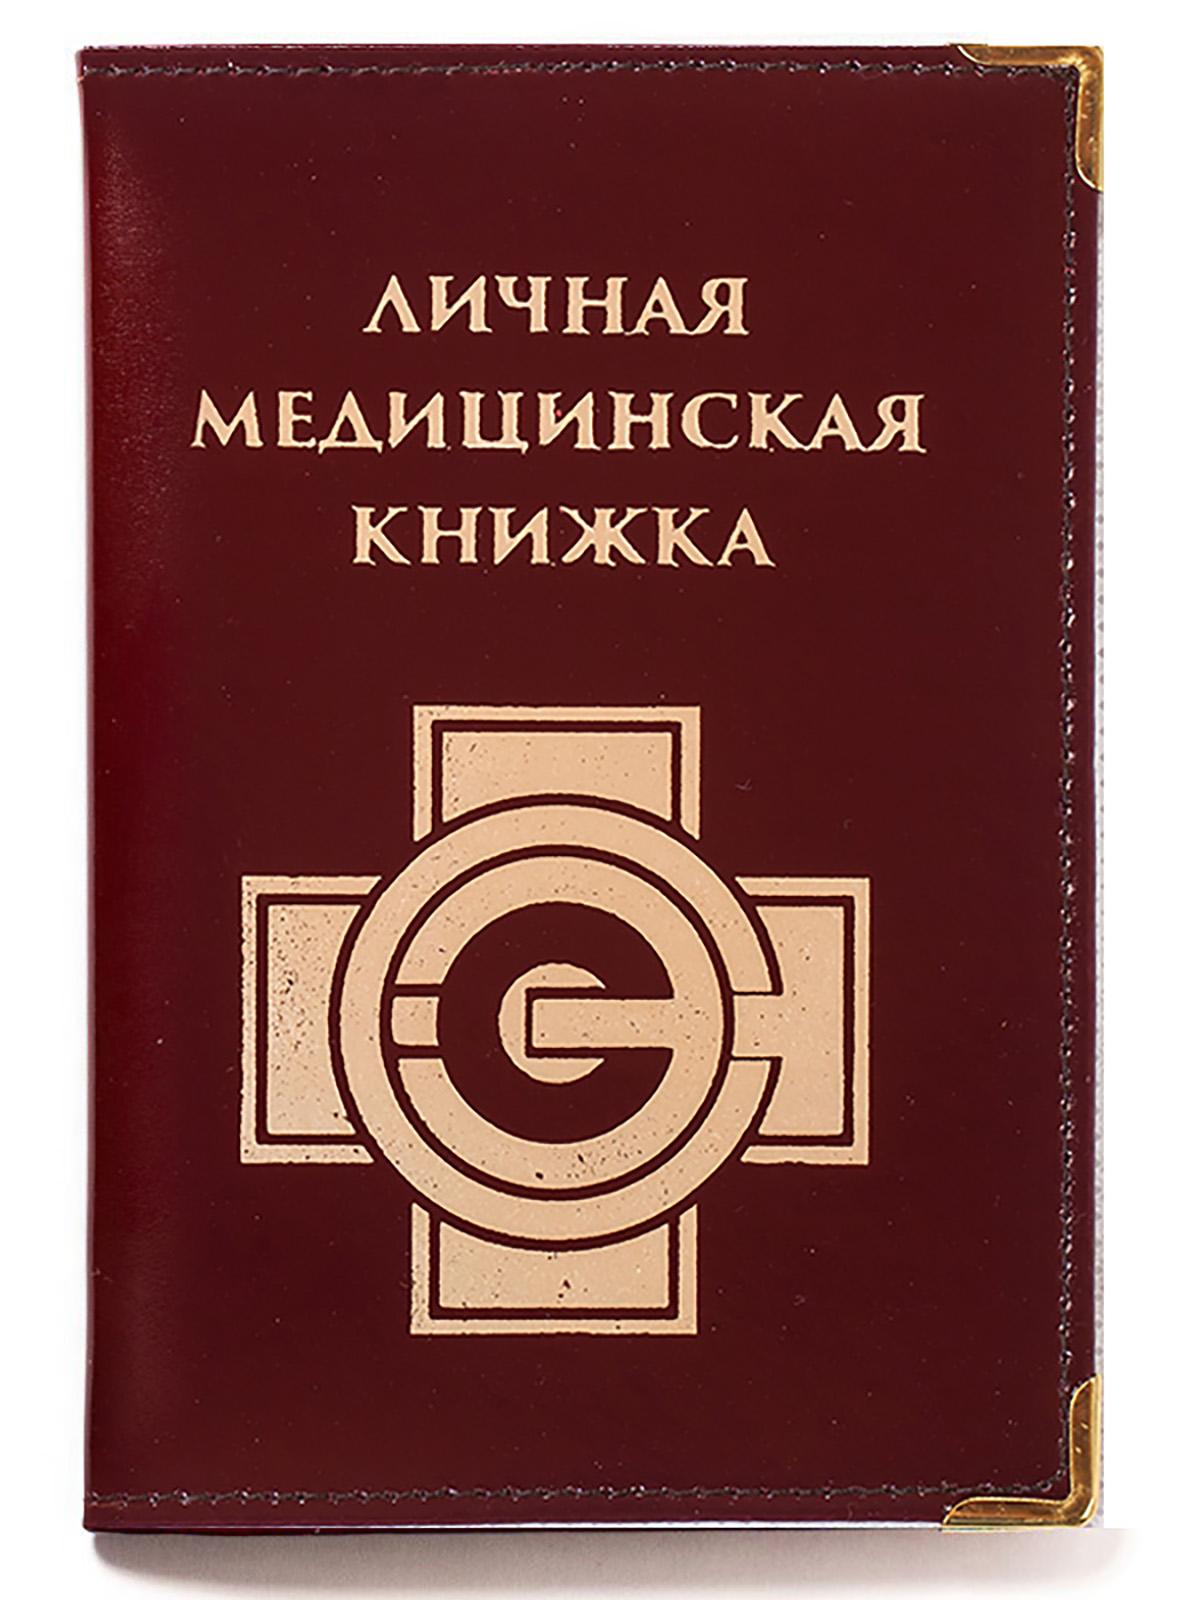 Обложка для личной медицинской книжки